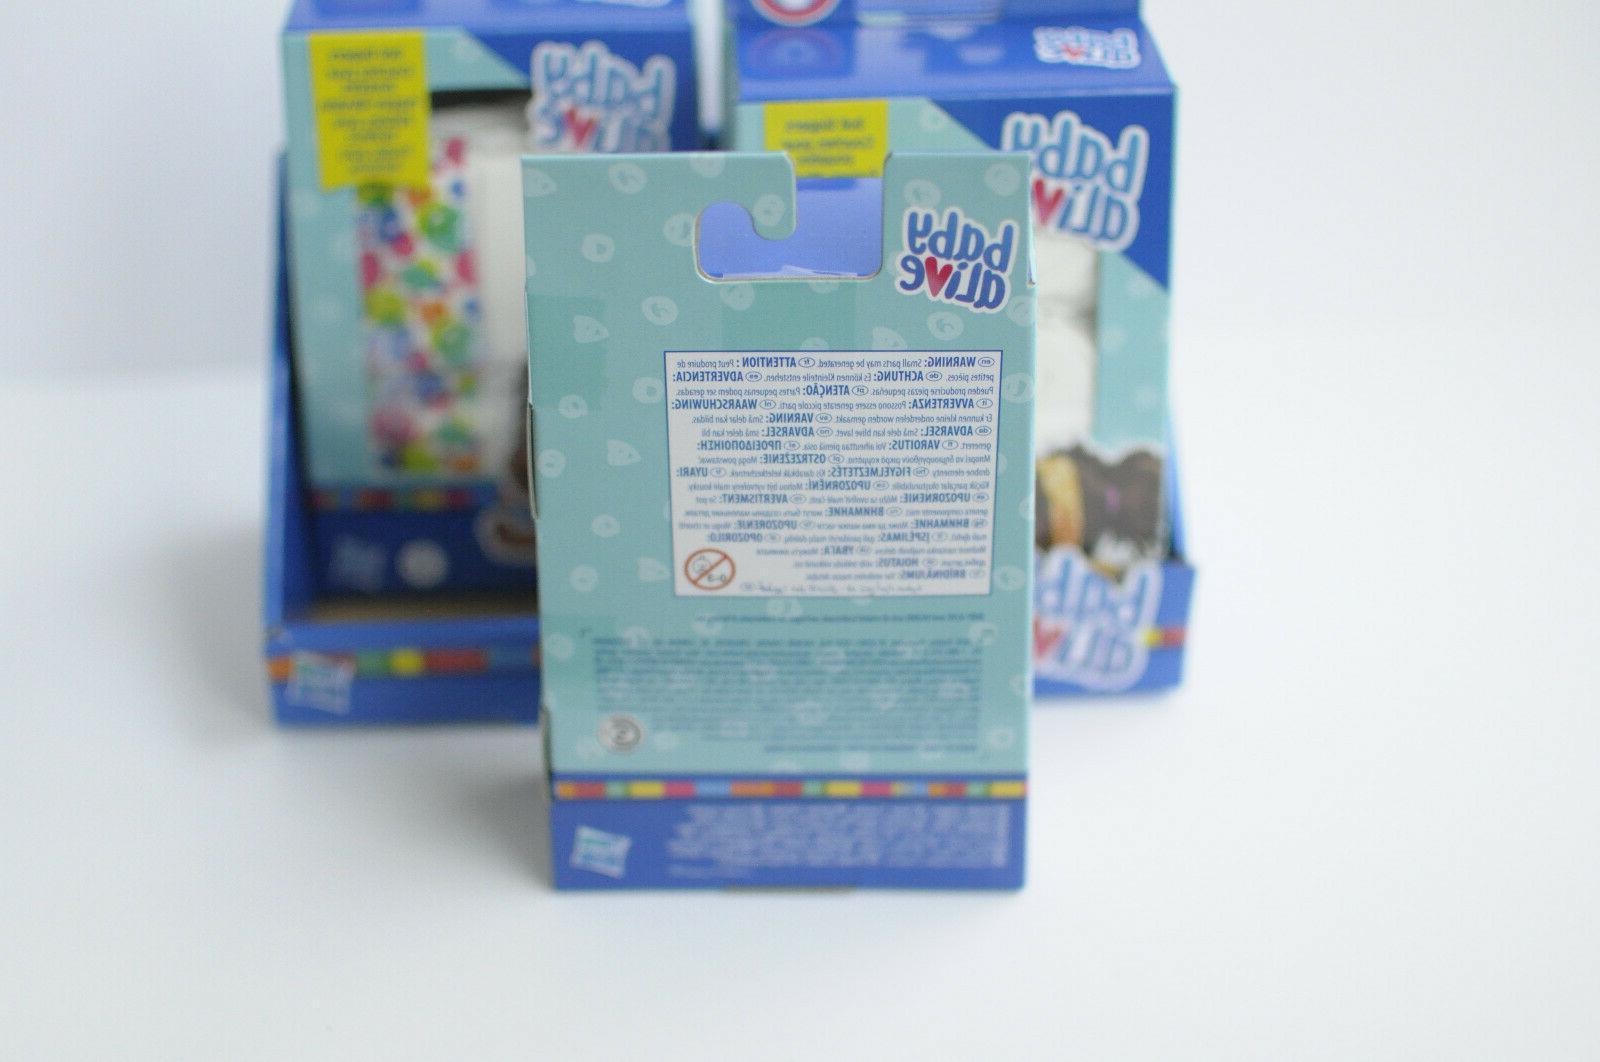 Hasbro Diaper per Box 16 Toys